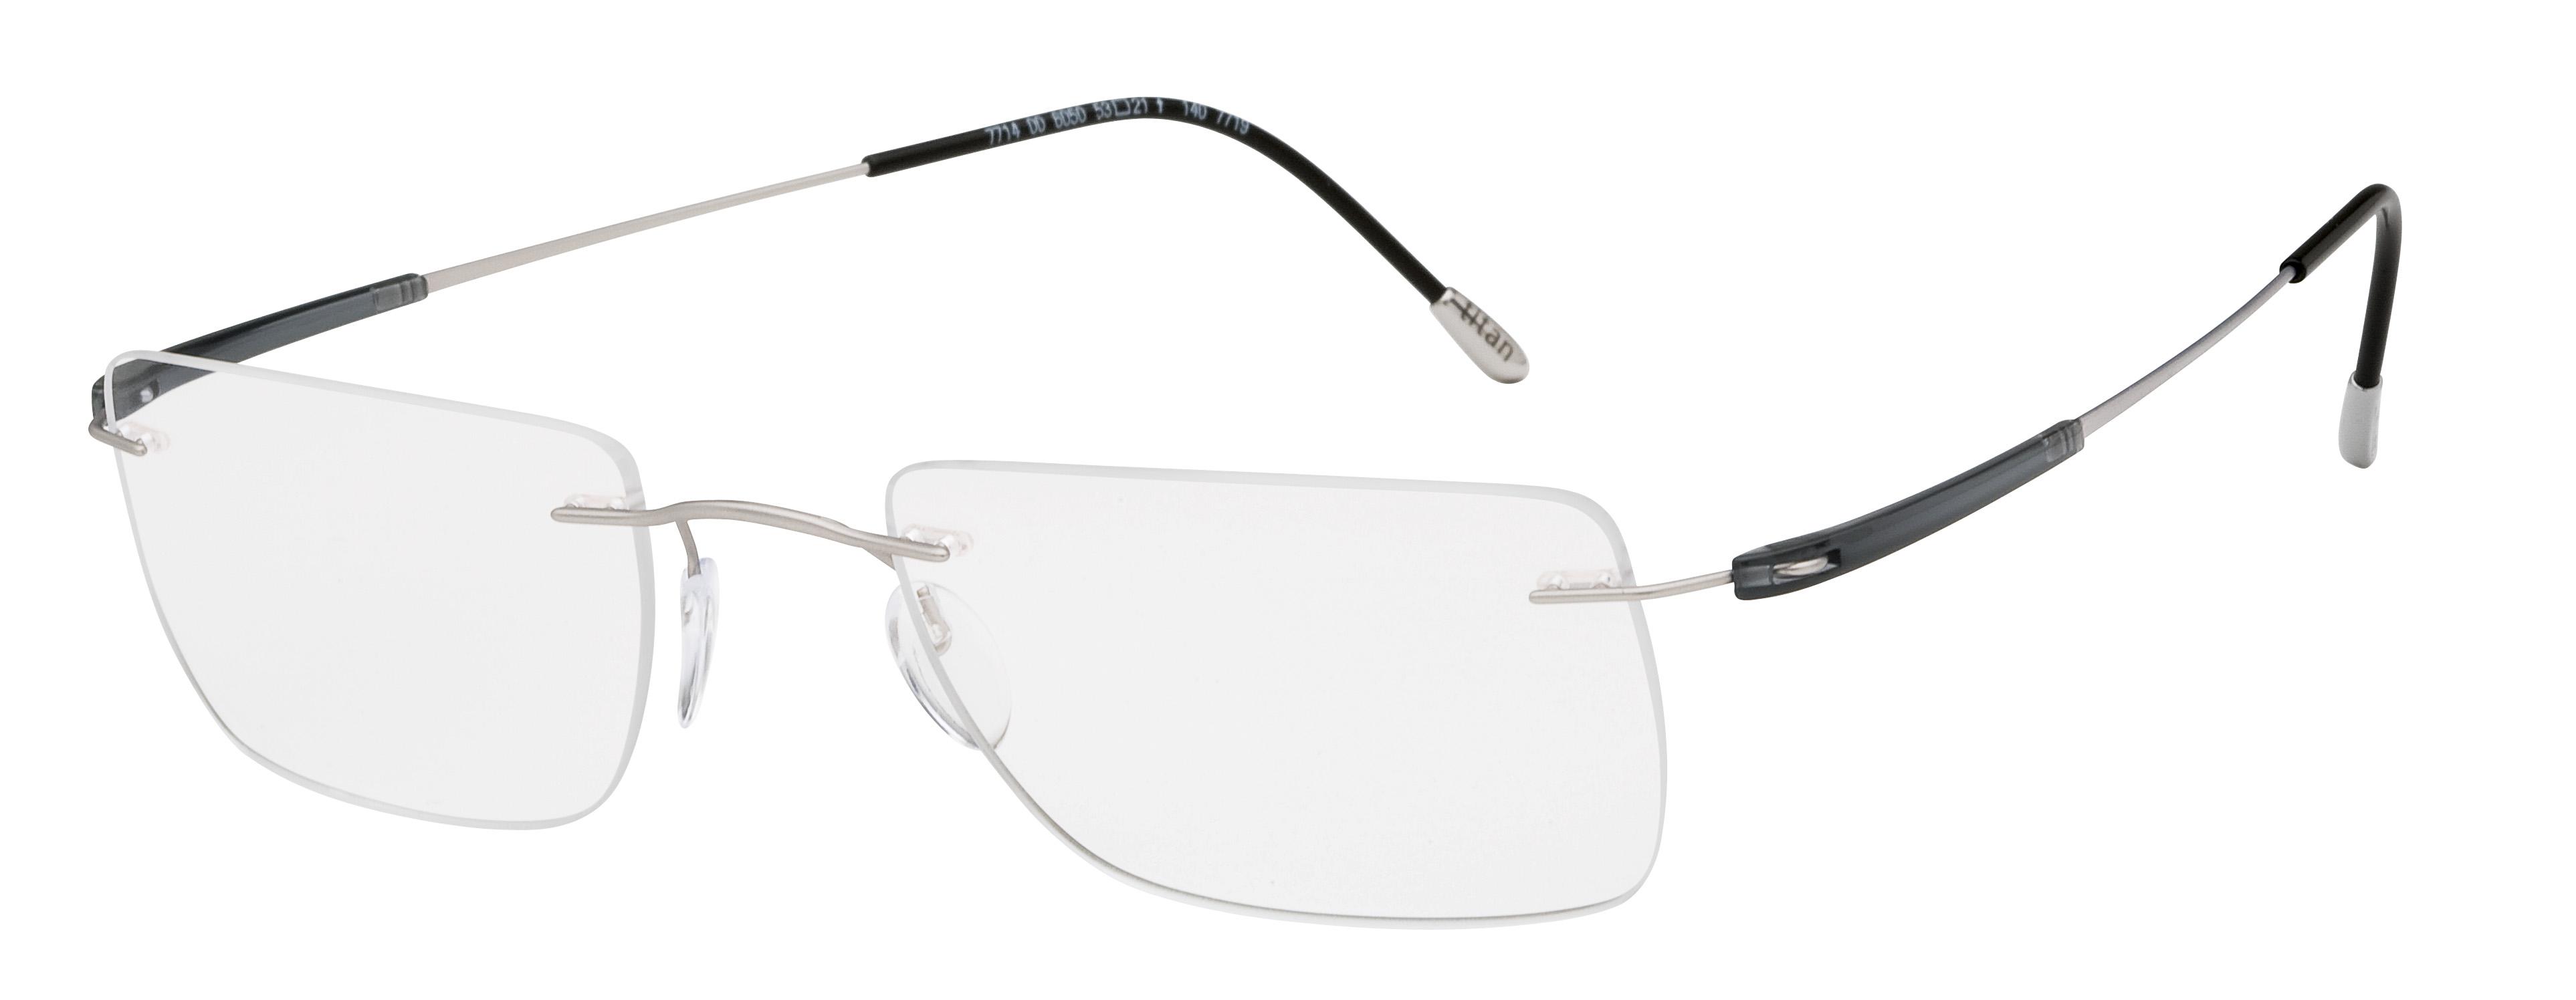 Silhouette Glasses - Silhouette Frames Barnard Levit